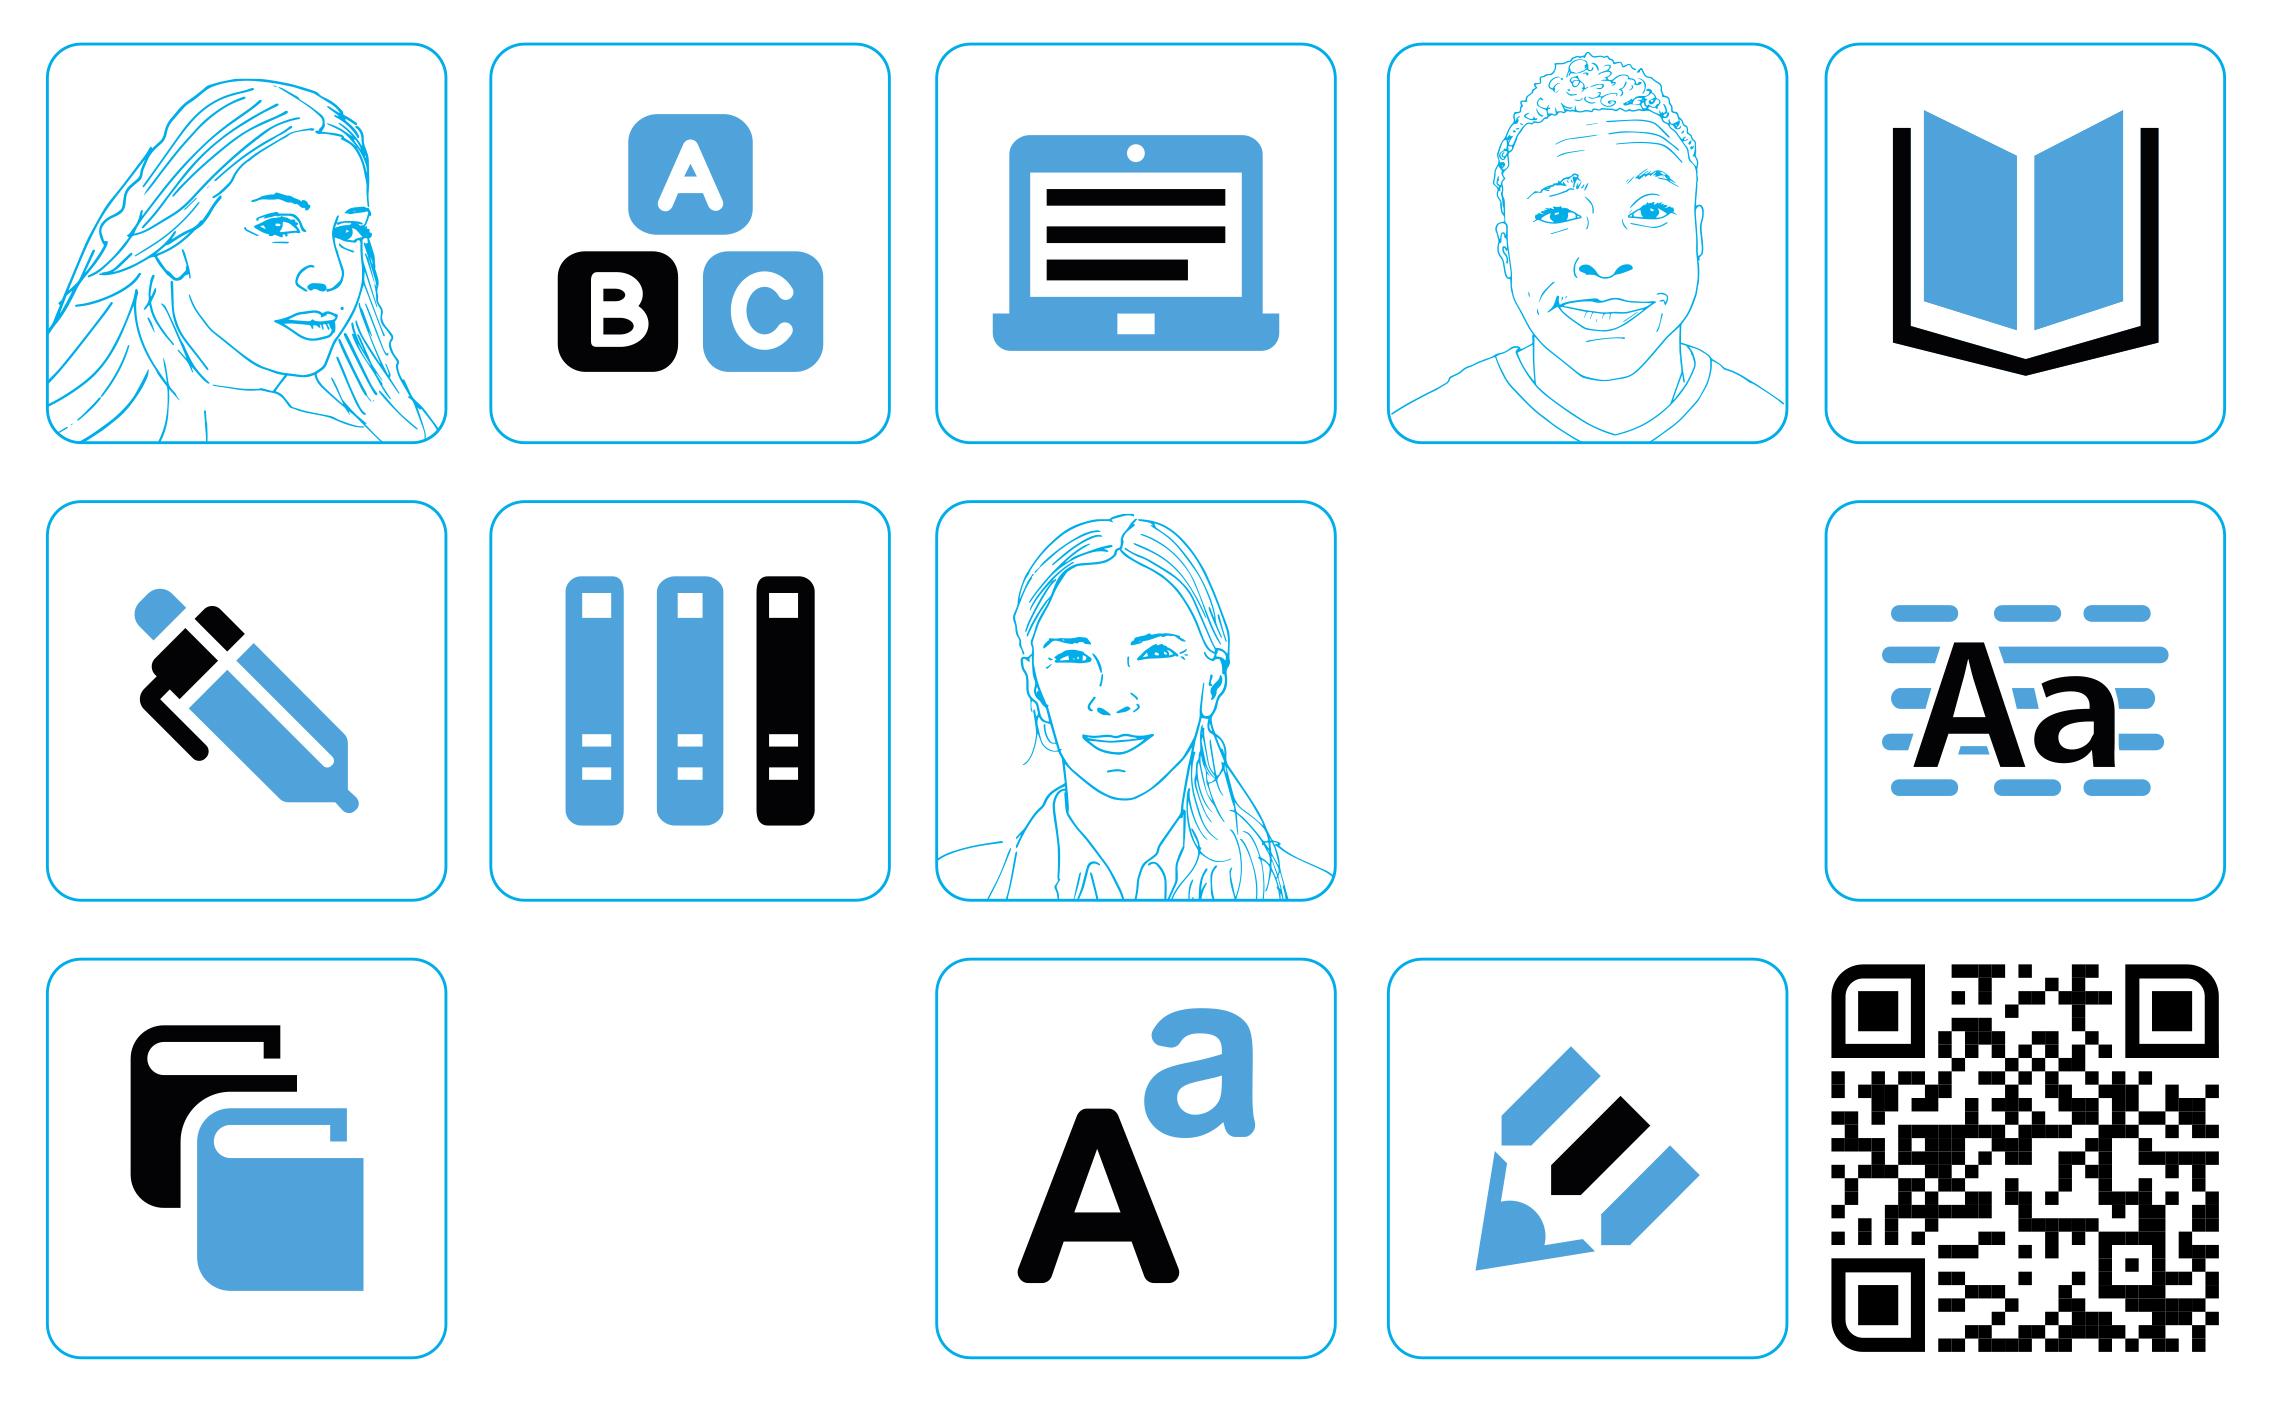 Banner mit verschiedenen Icons, die u. a. Buchstaben, Bücher, Texte, Köpfe, etc.